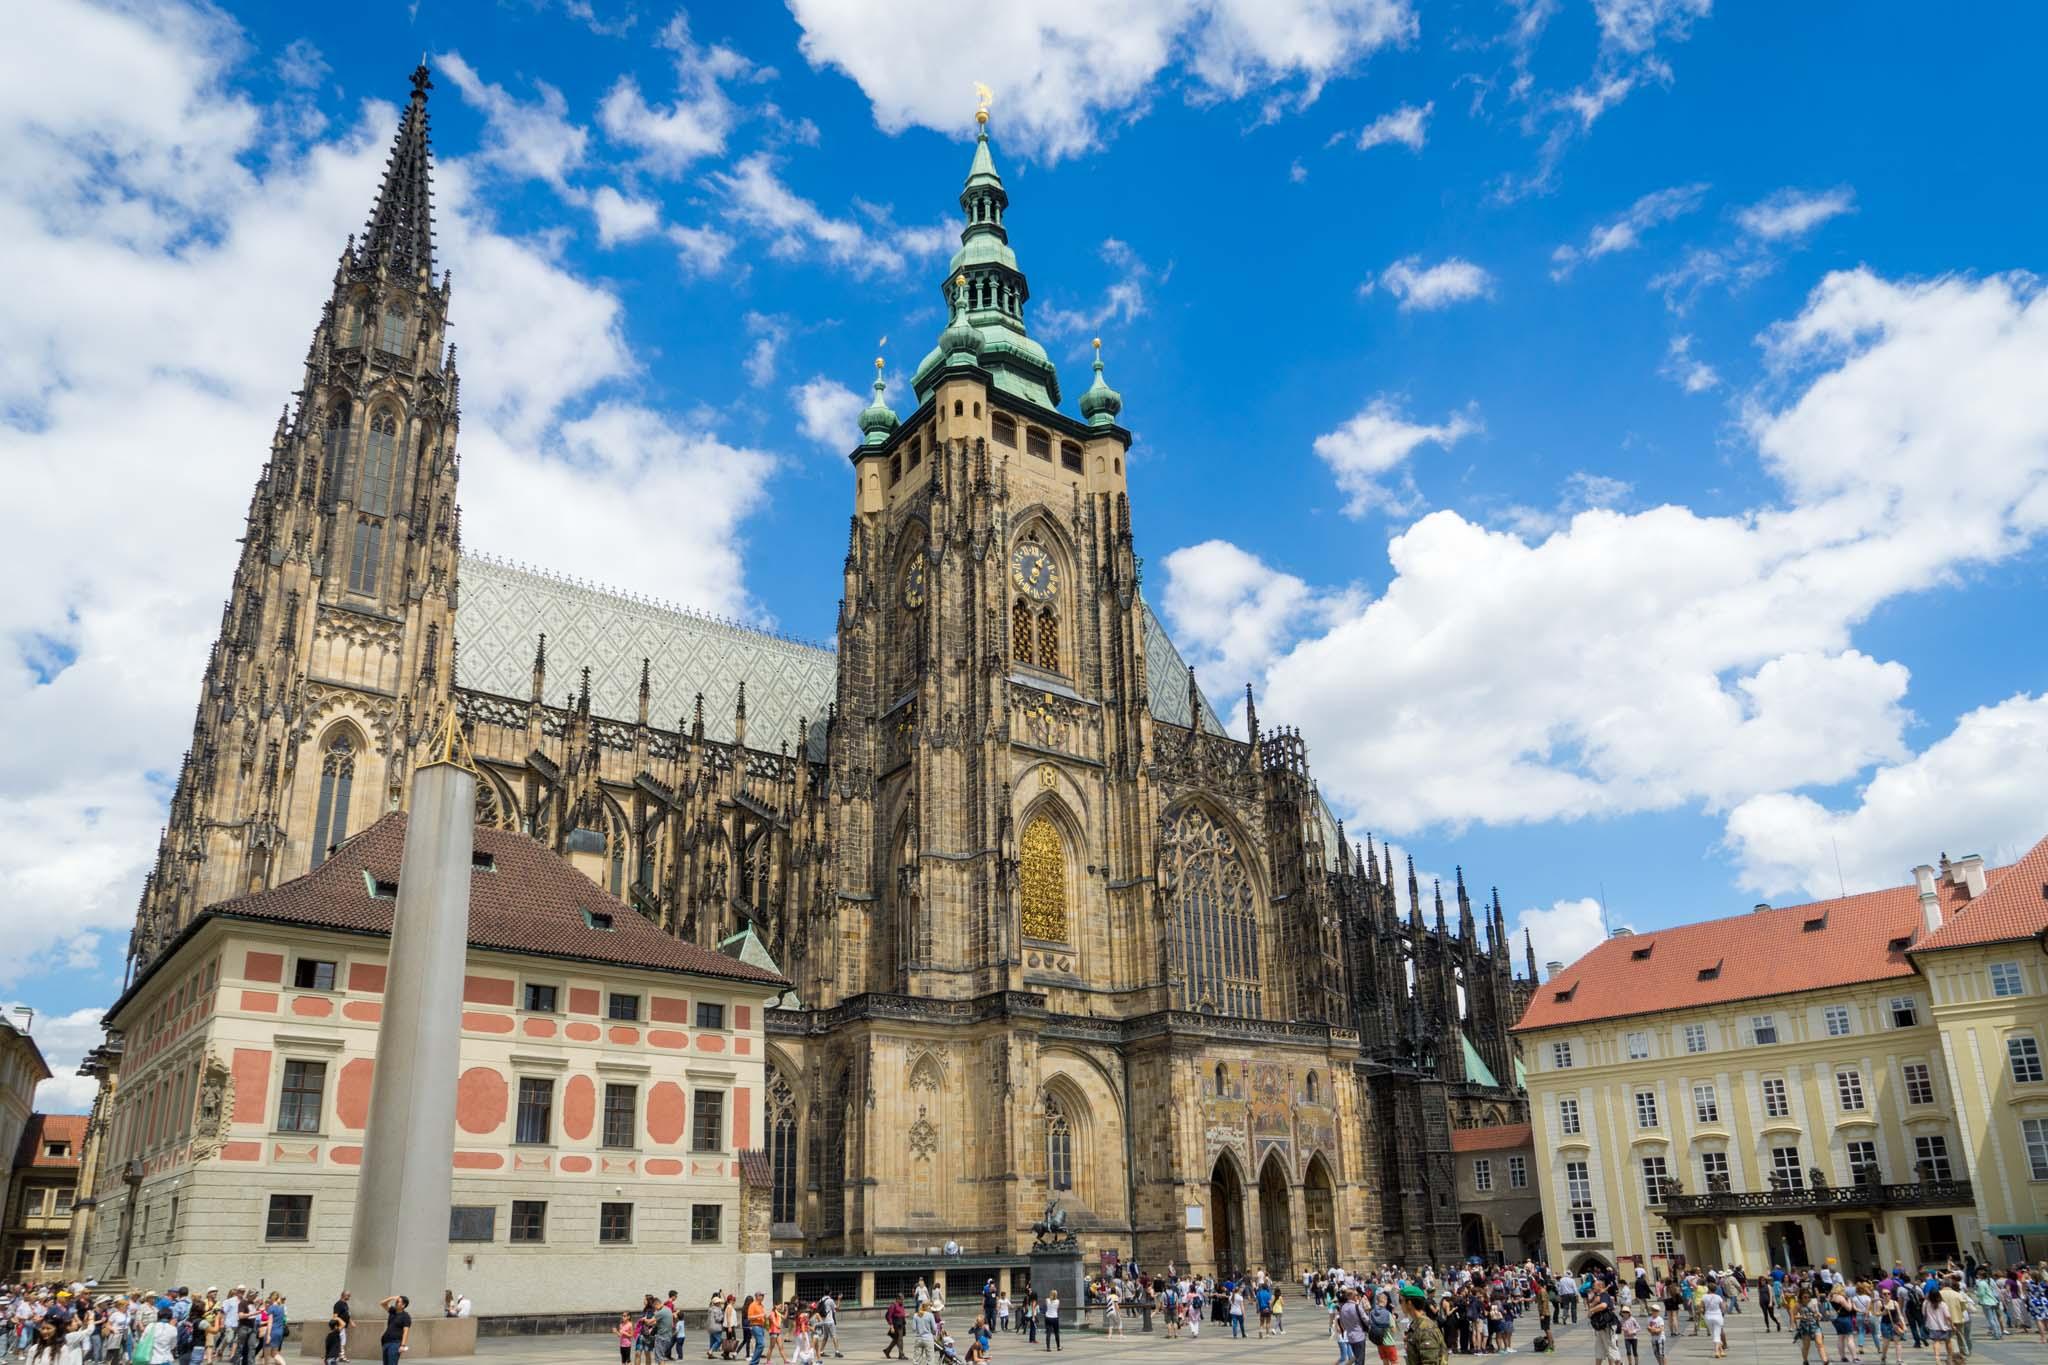 Catedrala Sf Vitus - O călătorie arhitecturală prin Praga orașul celor 100 de clopotnițe - partea